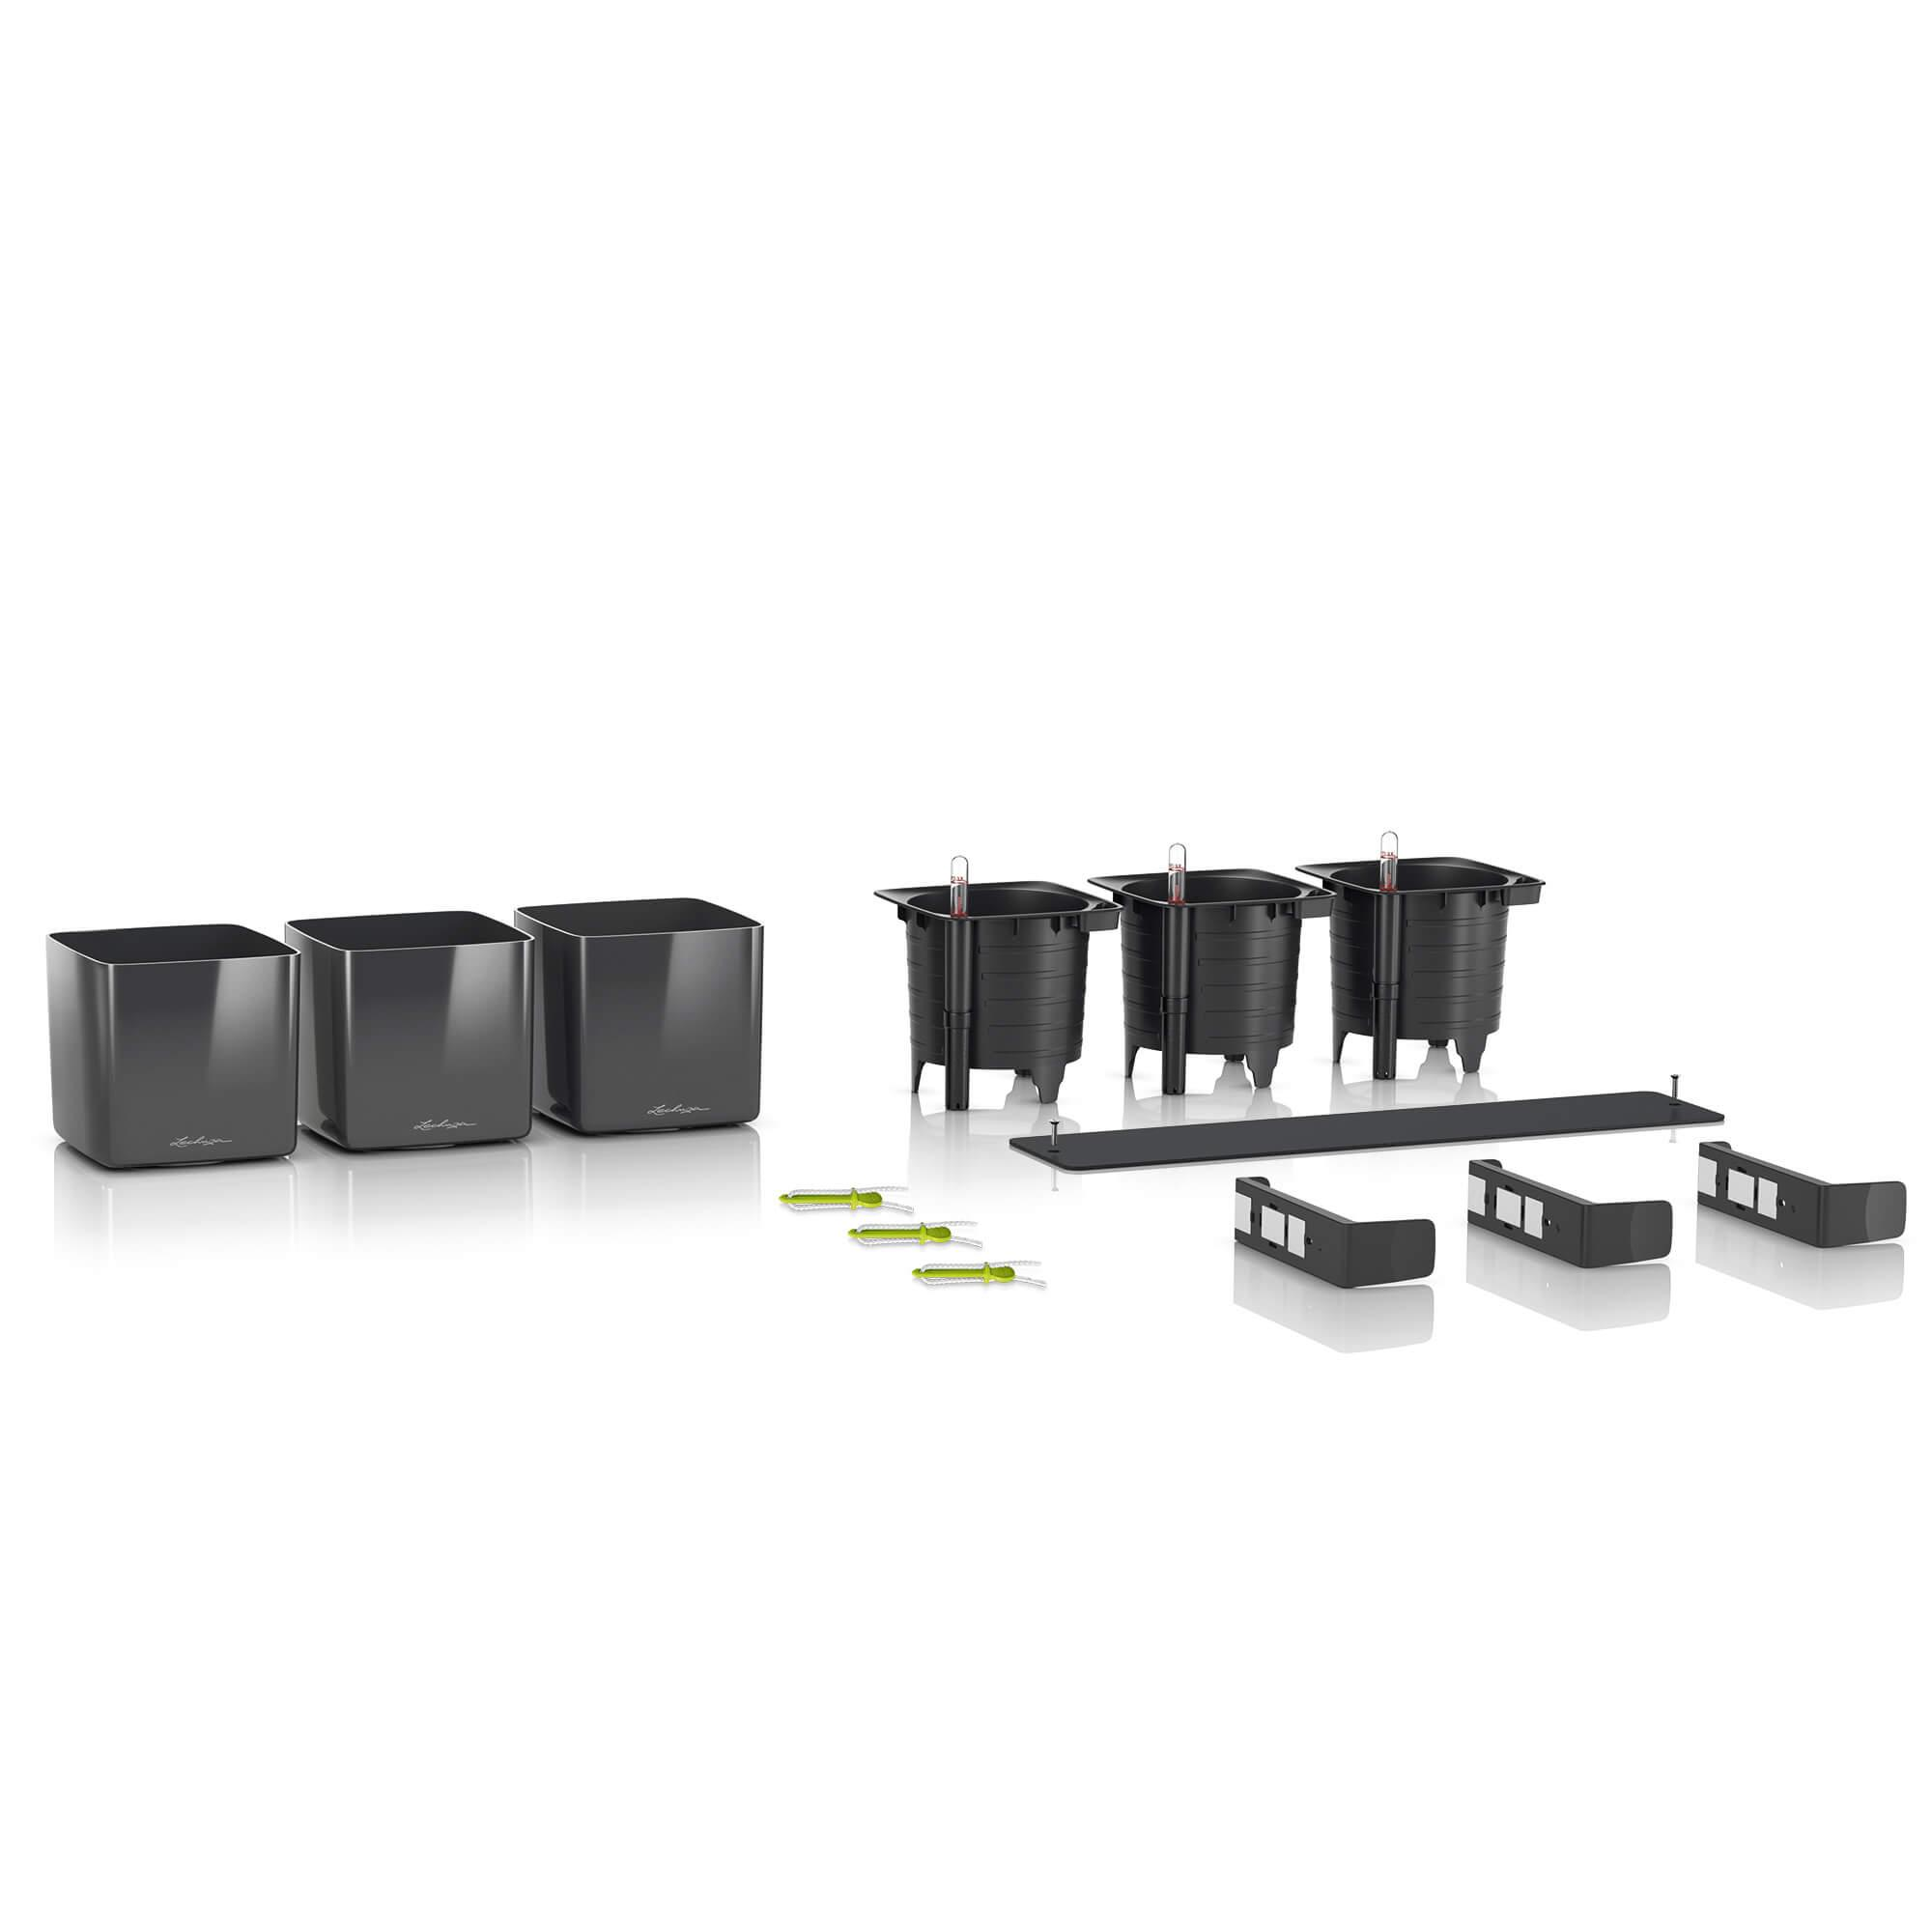 le_cube-glossy-48_product_addi_aio